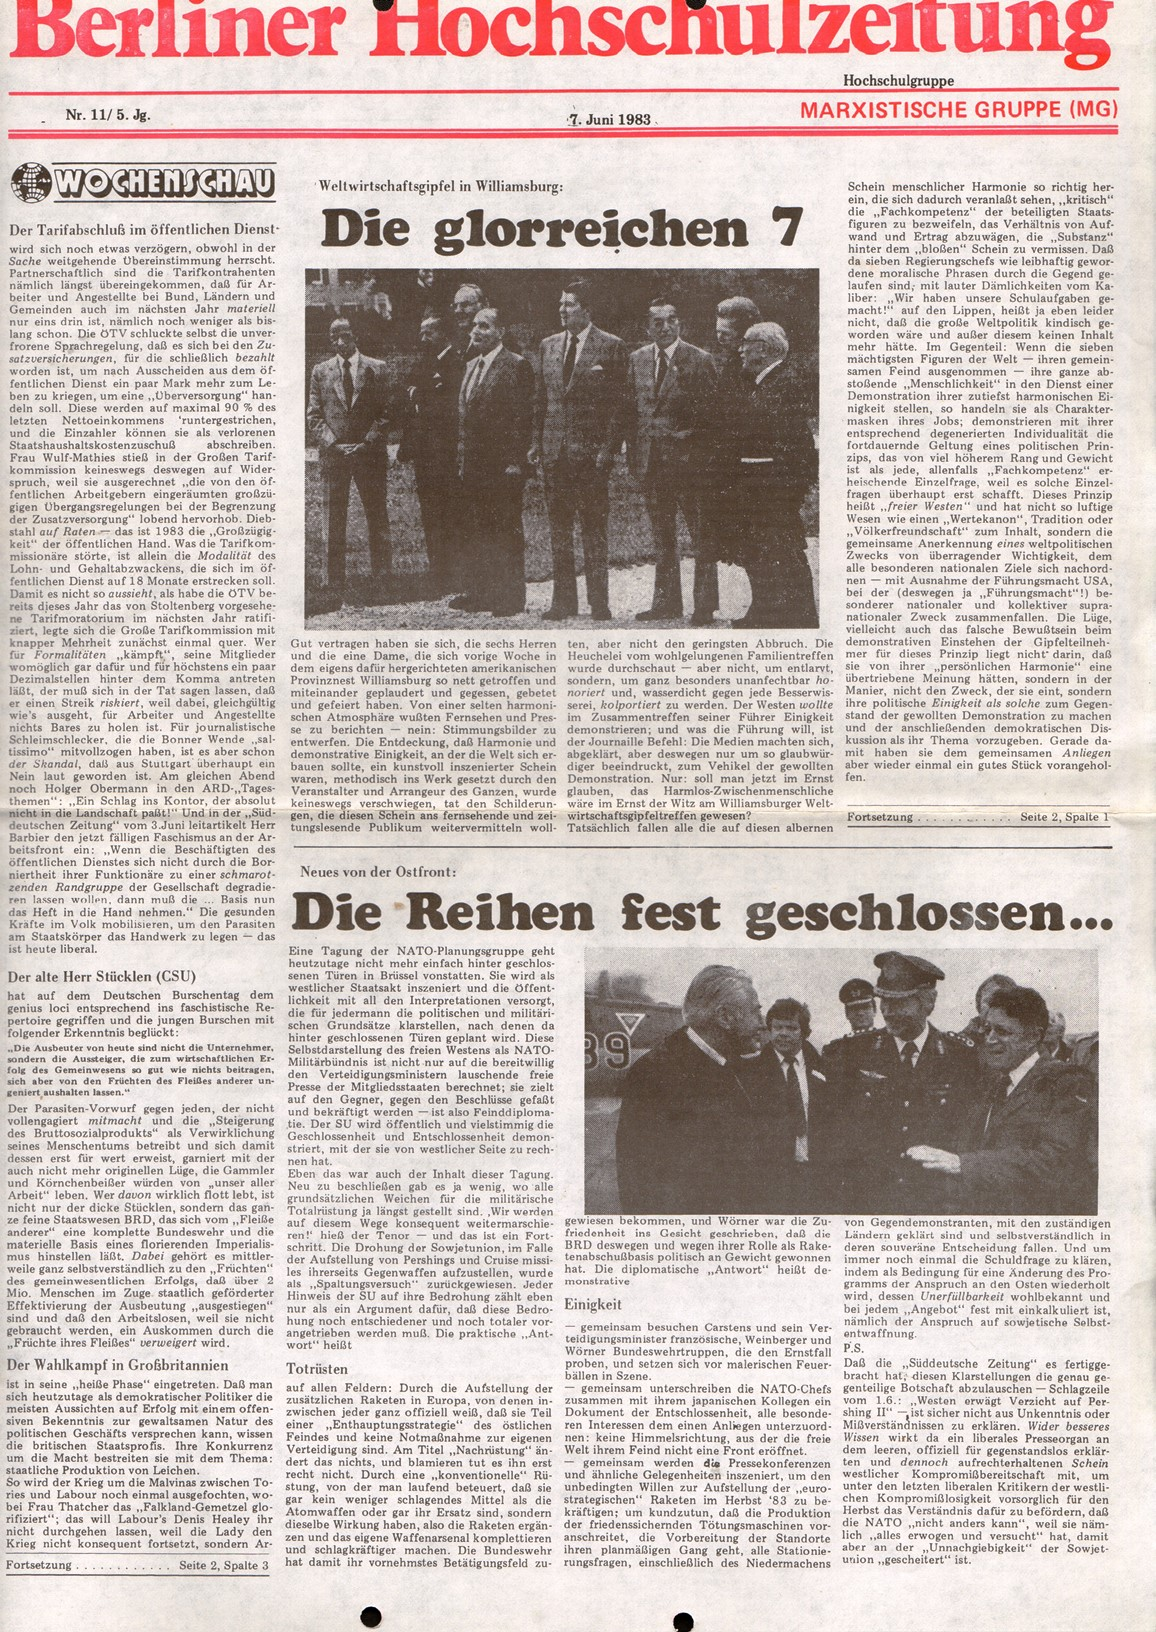 Berlin_MG_Hochschulzeitung_19830607_01